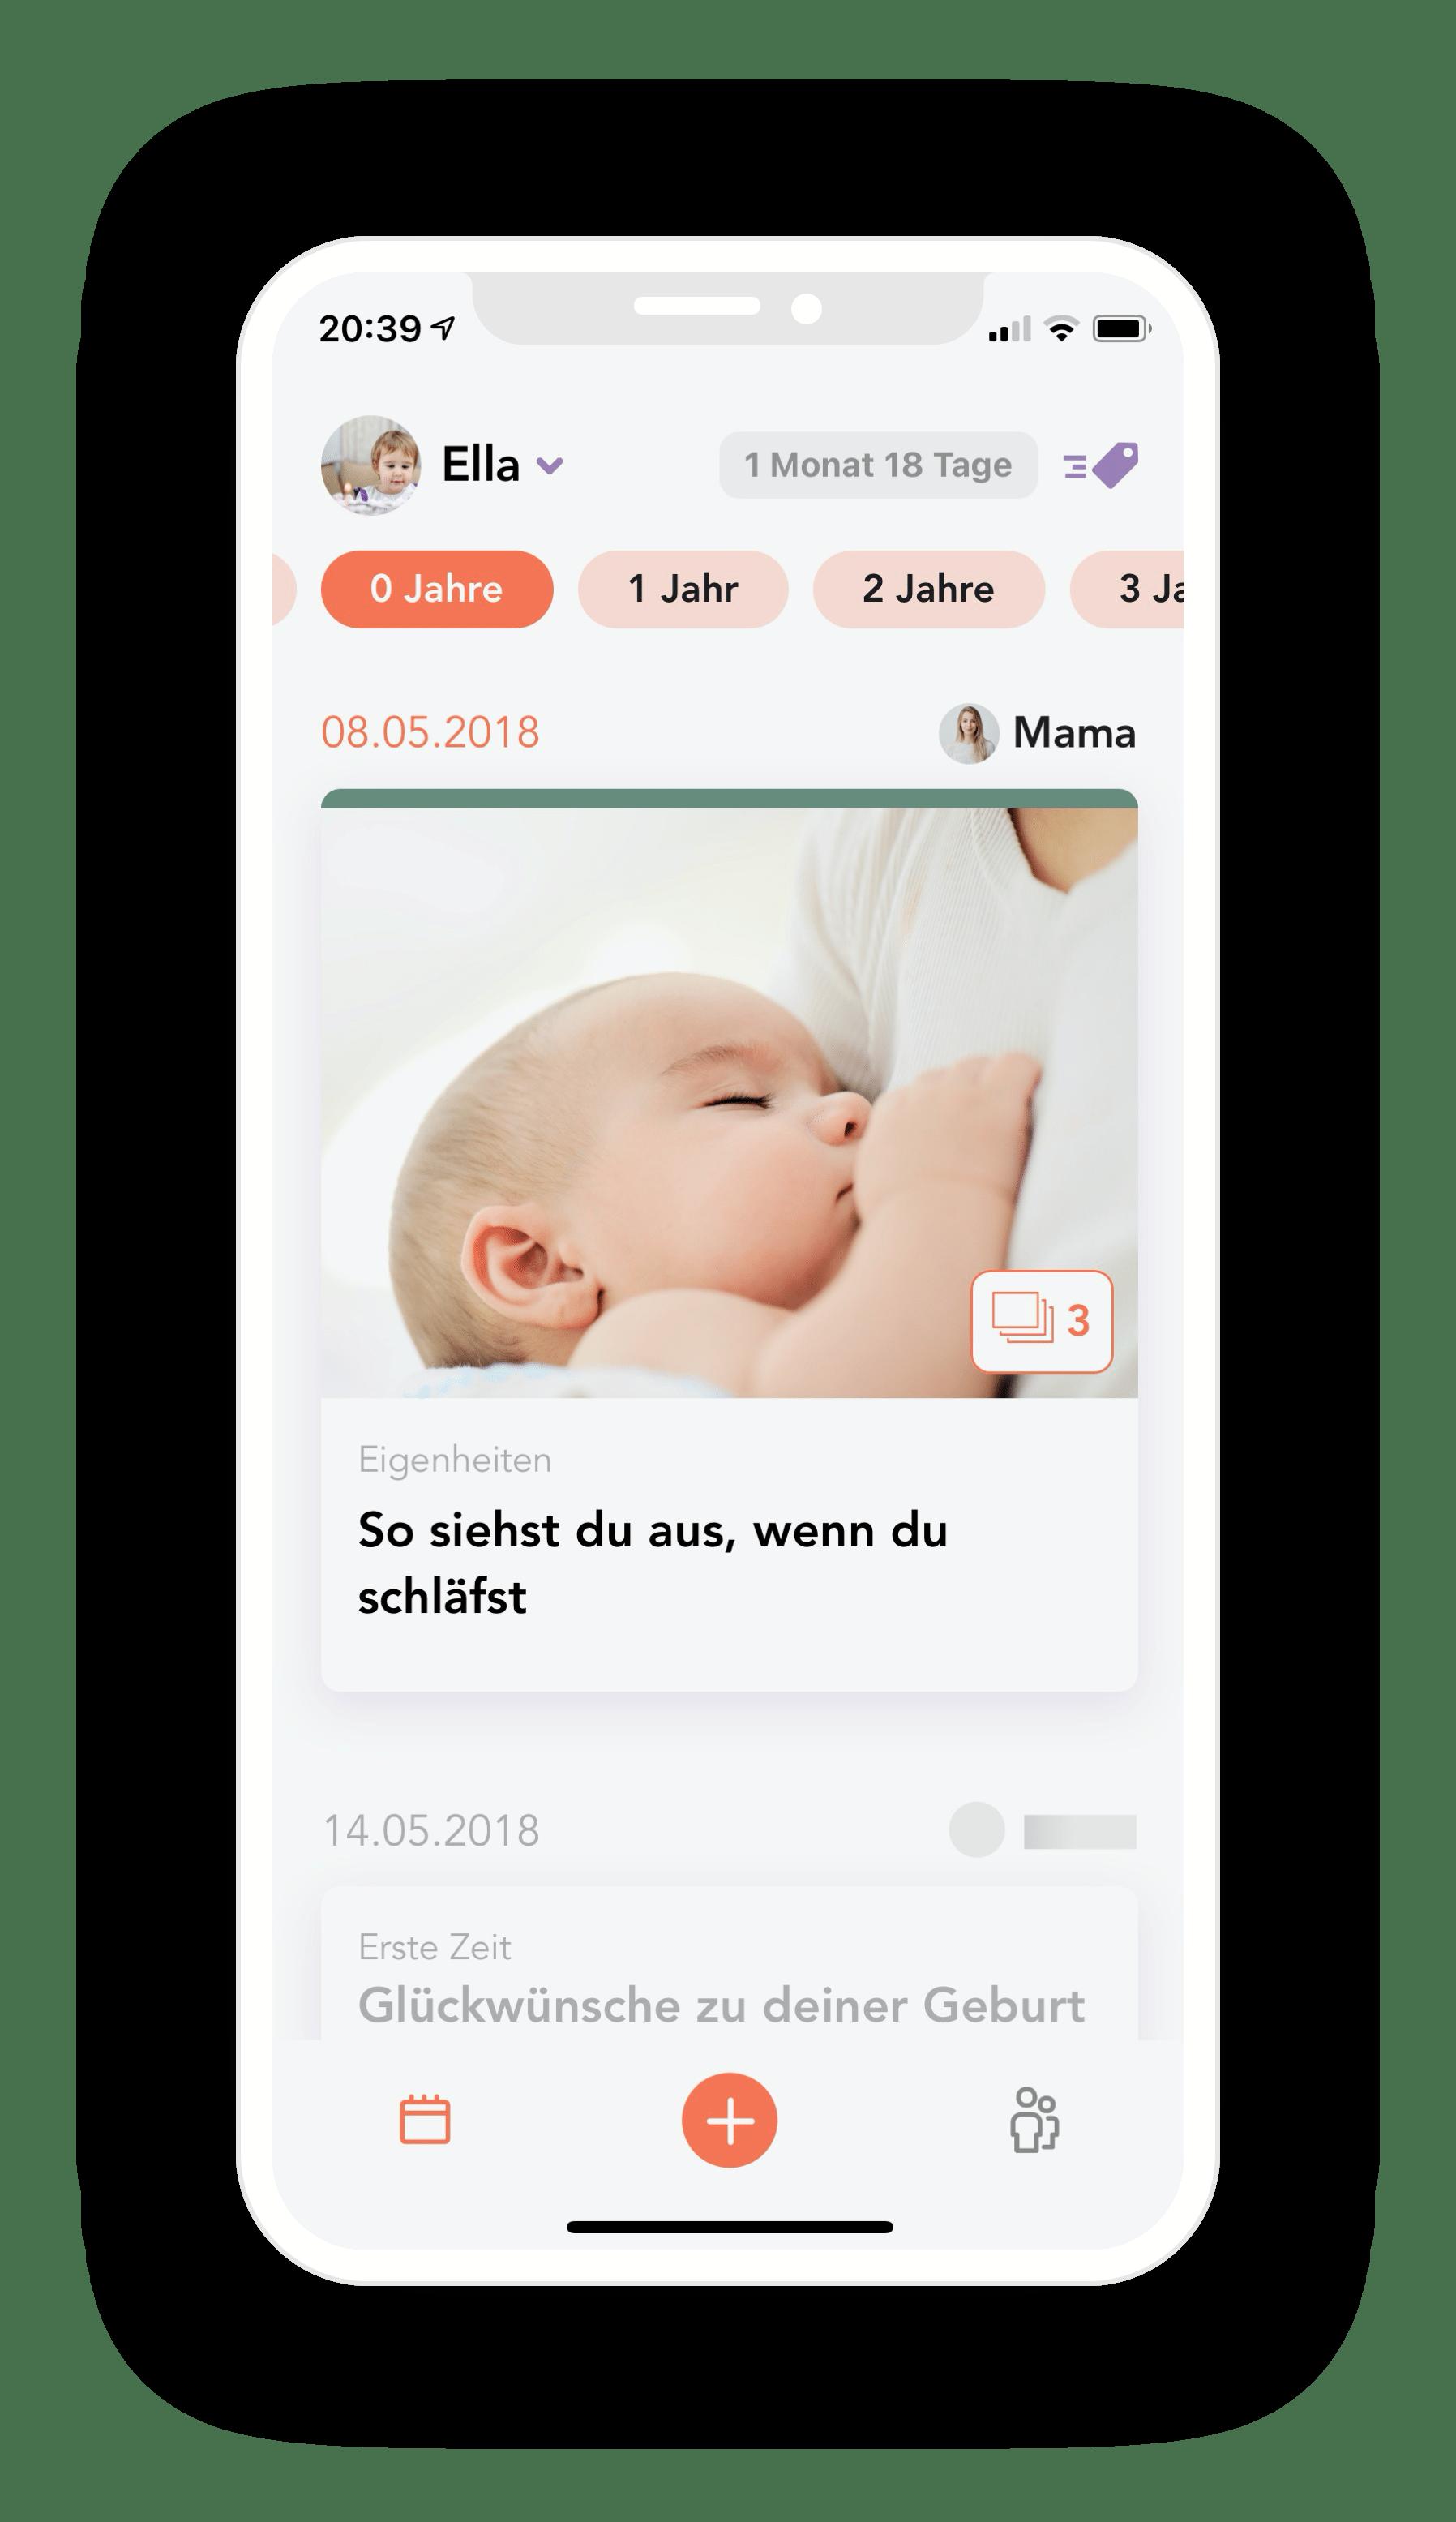 App Screenshot Juno Eintrag 0 Jahre